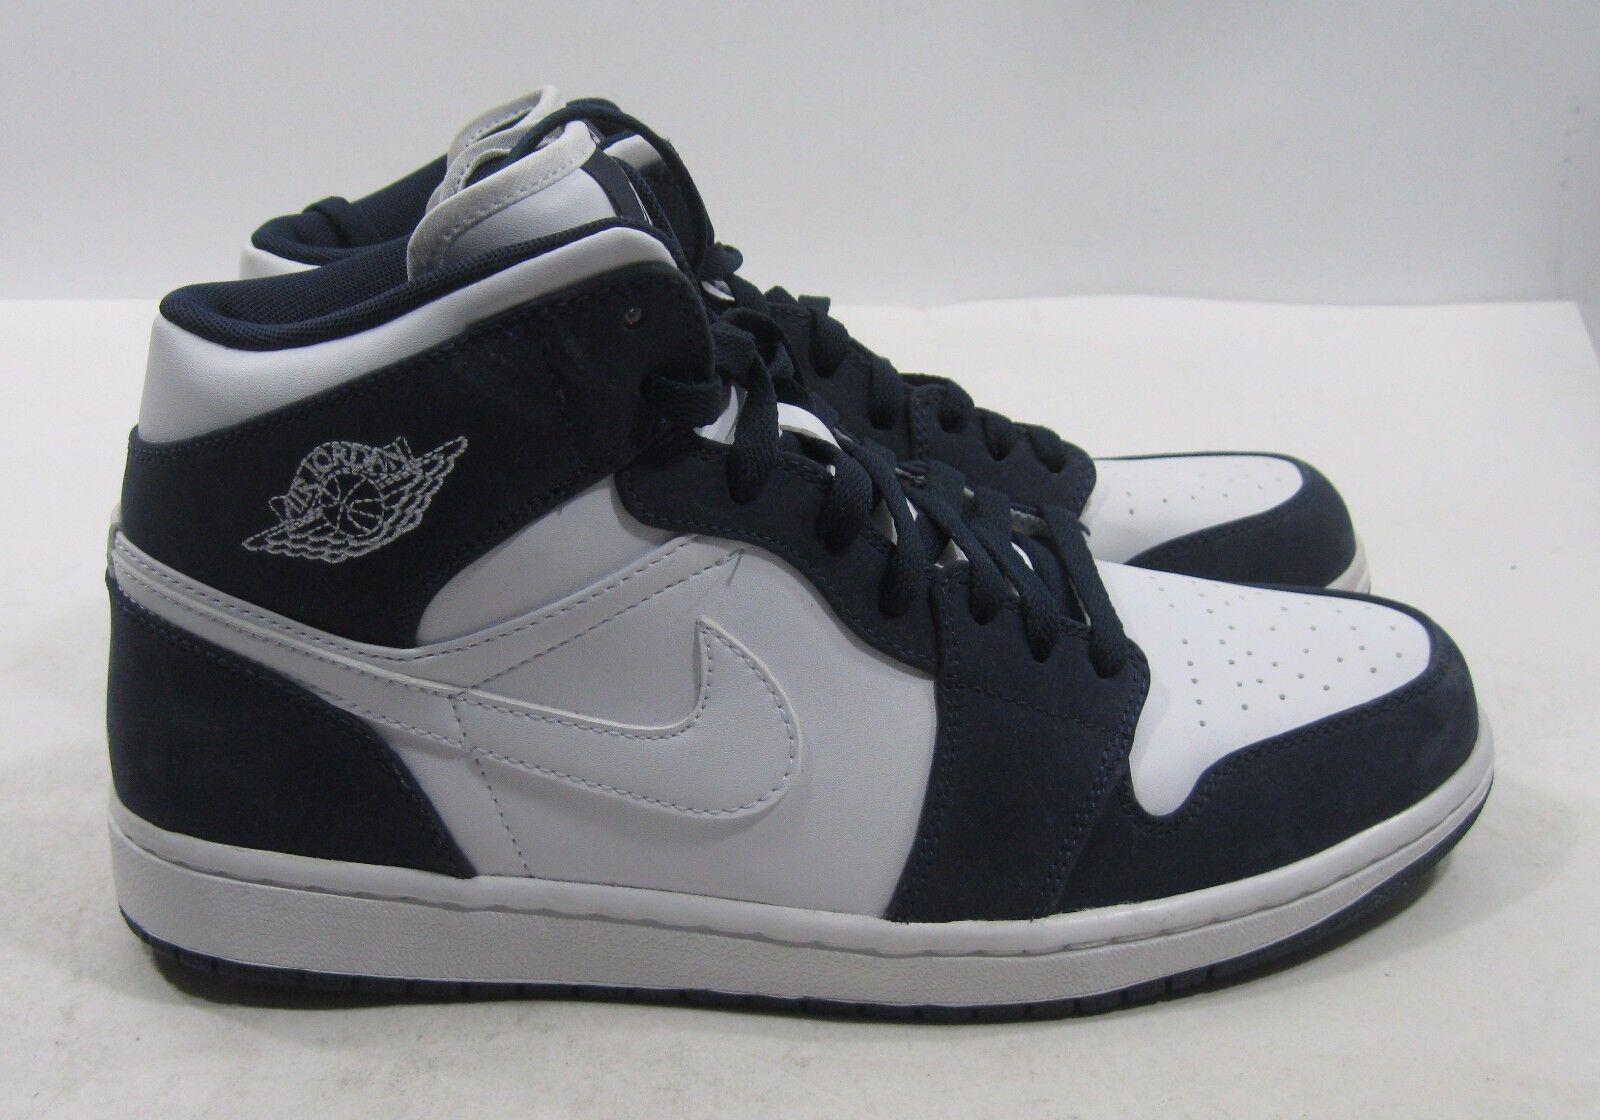 Nike Air Jordan Retro Blanco 1 sombrero blanco / Blanco Retro Obsidiana 364770-104 comodo baratos zapatos de mujer zapatos de mujer 02ee5d